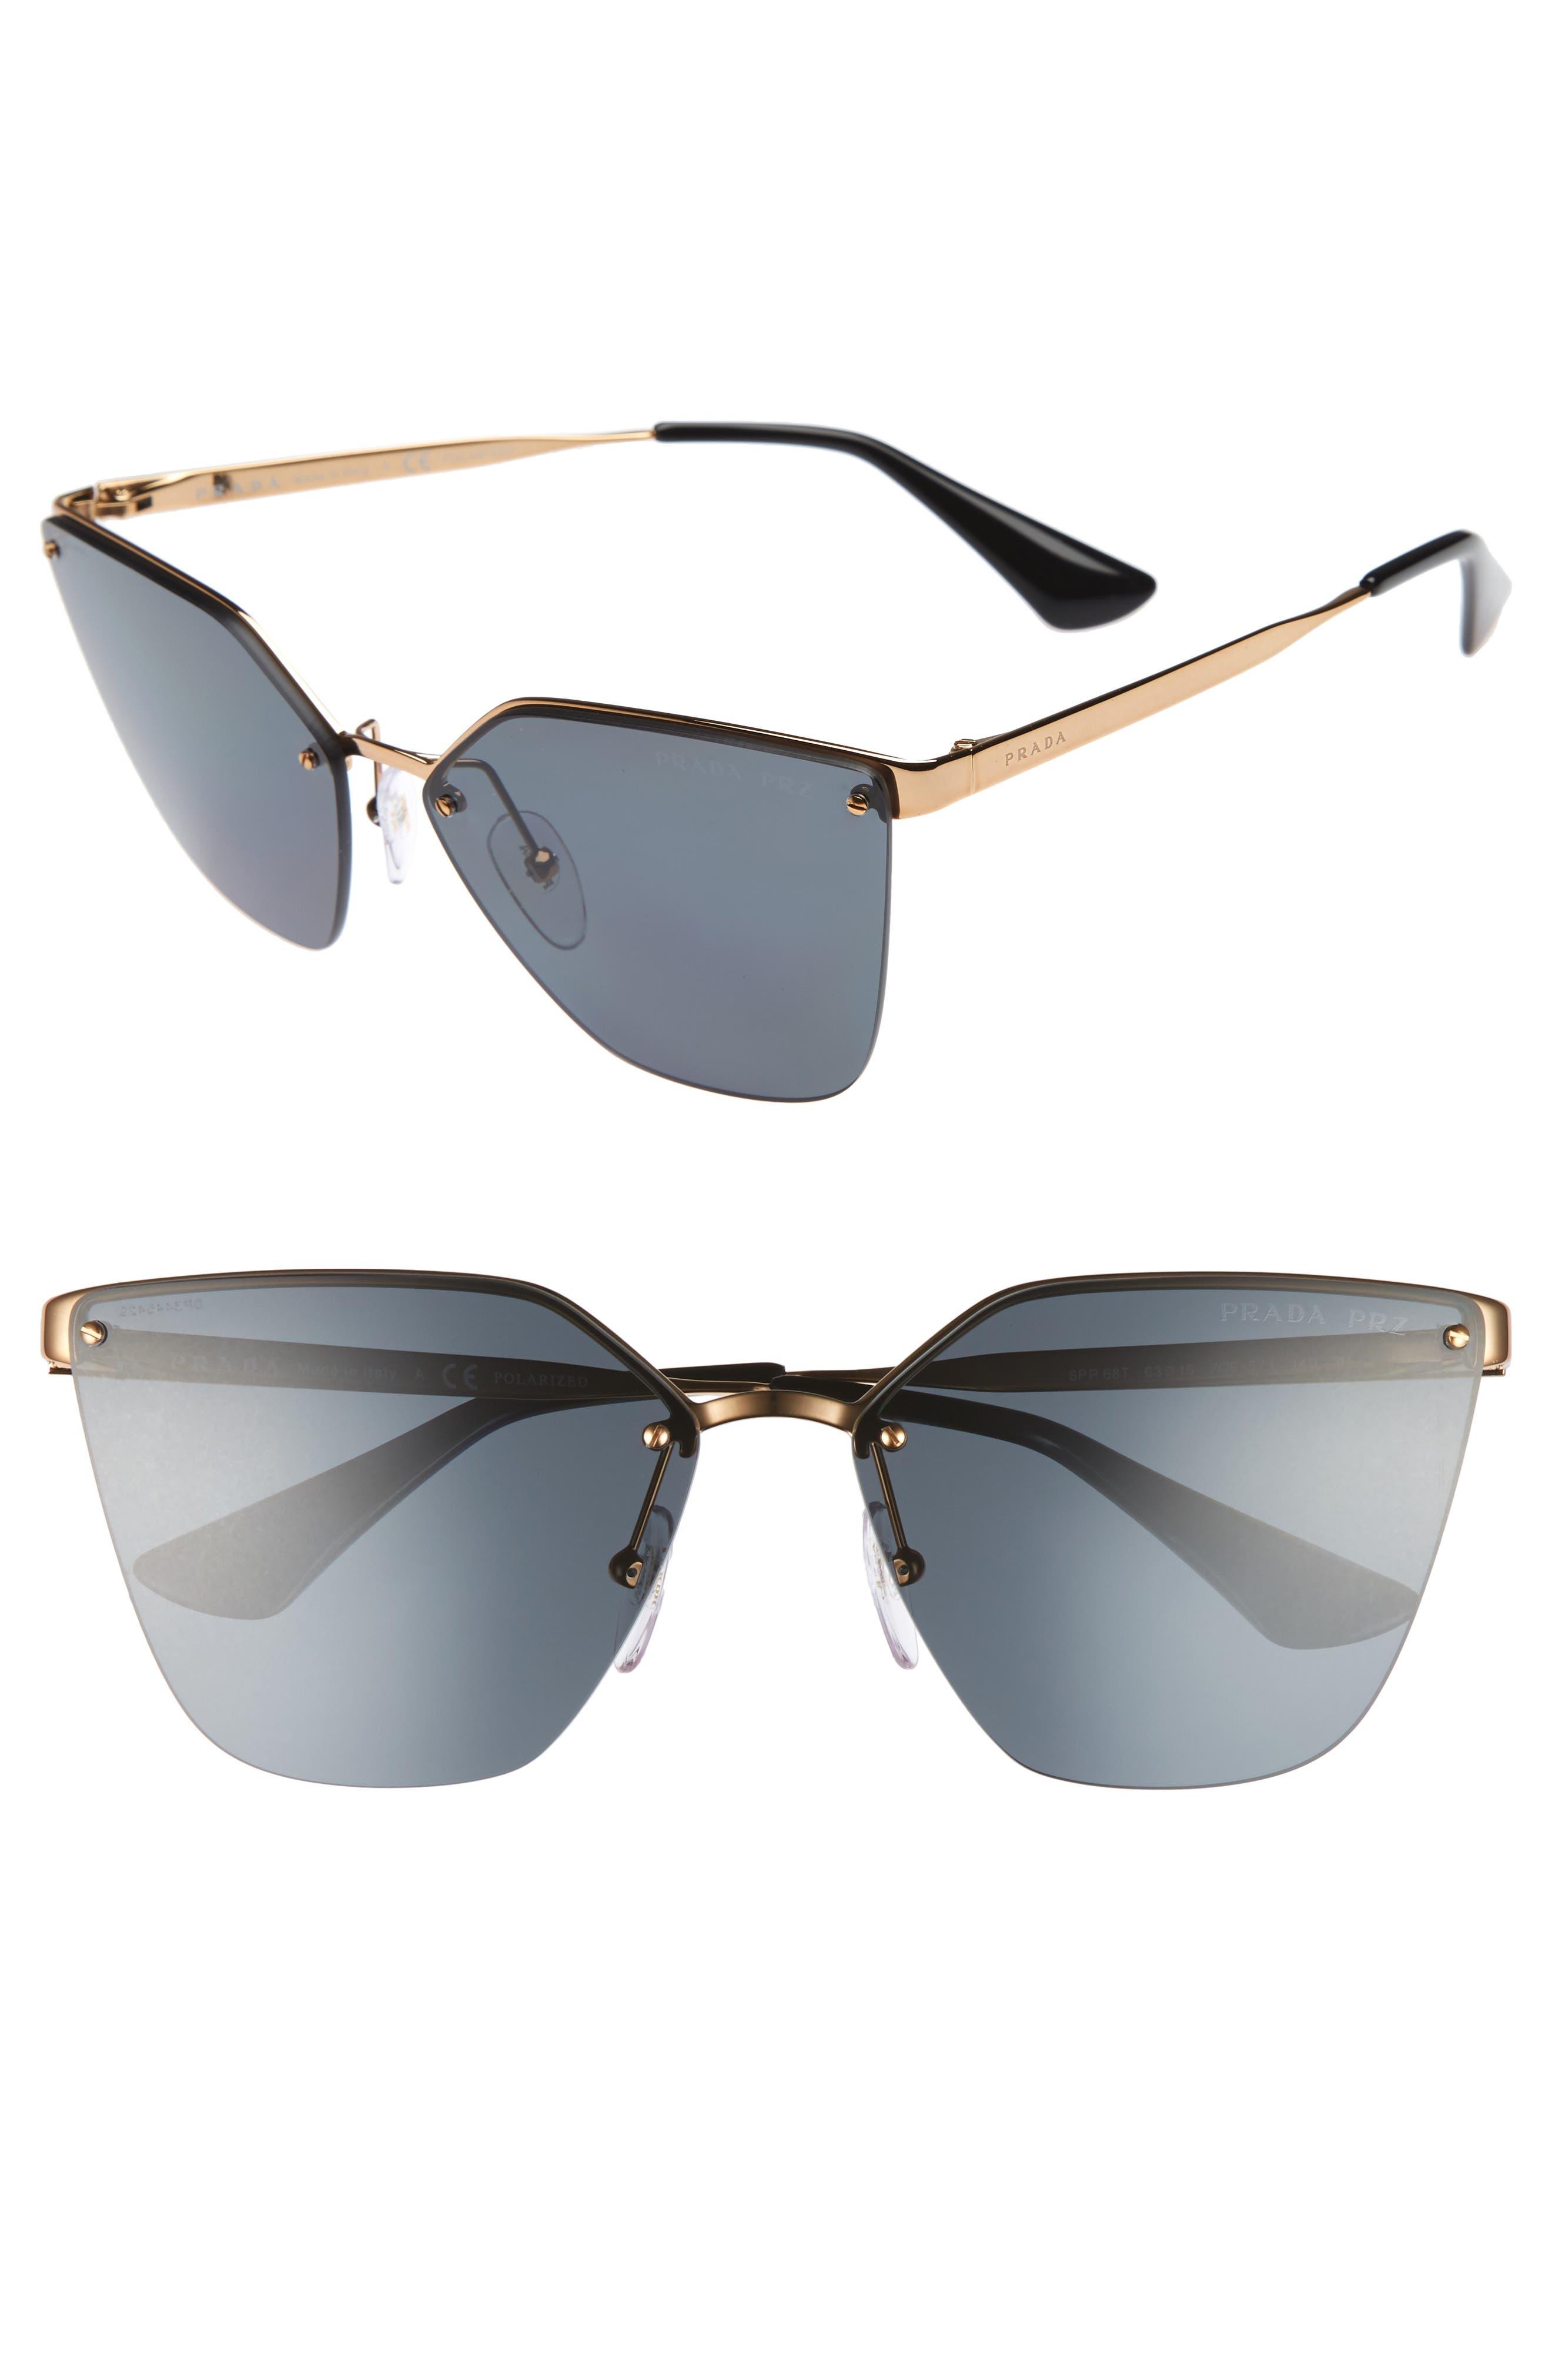 Prada 63mm Oversize Rimless Sunglasses